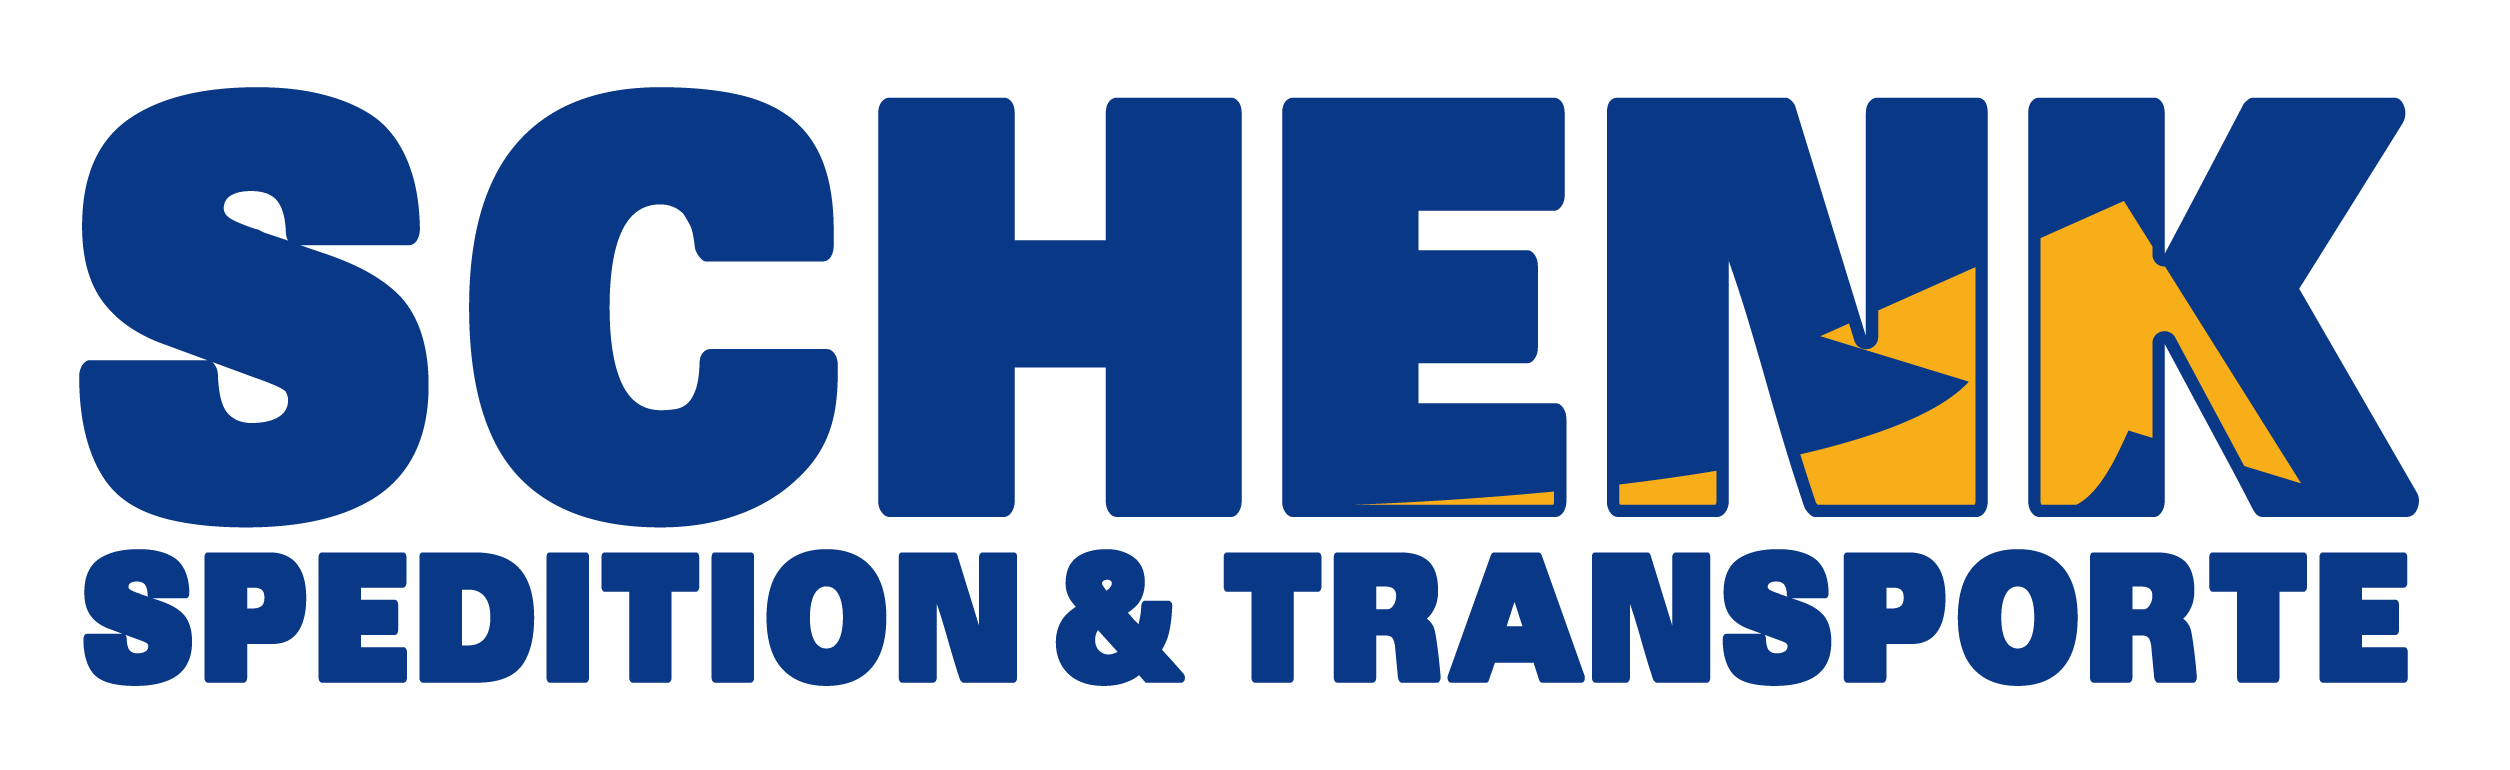 Schenk Spedition & Transporte GmbH